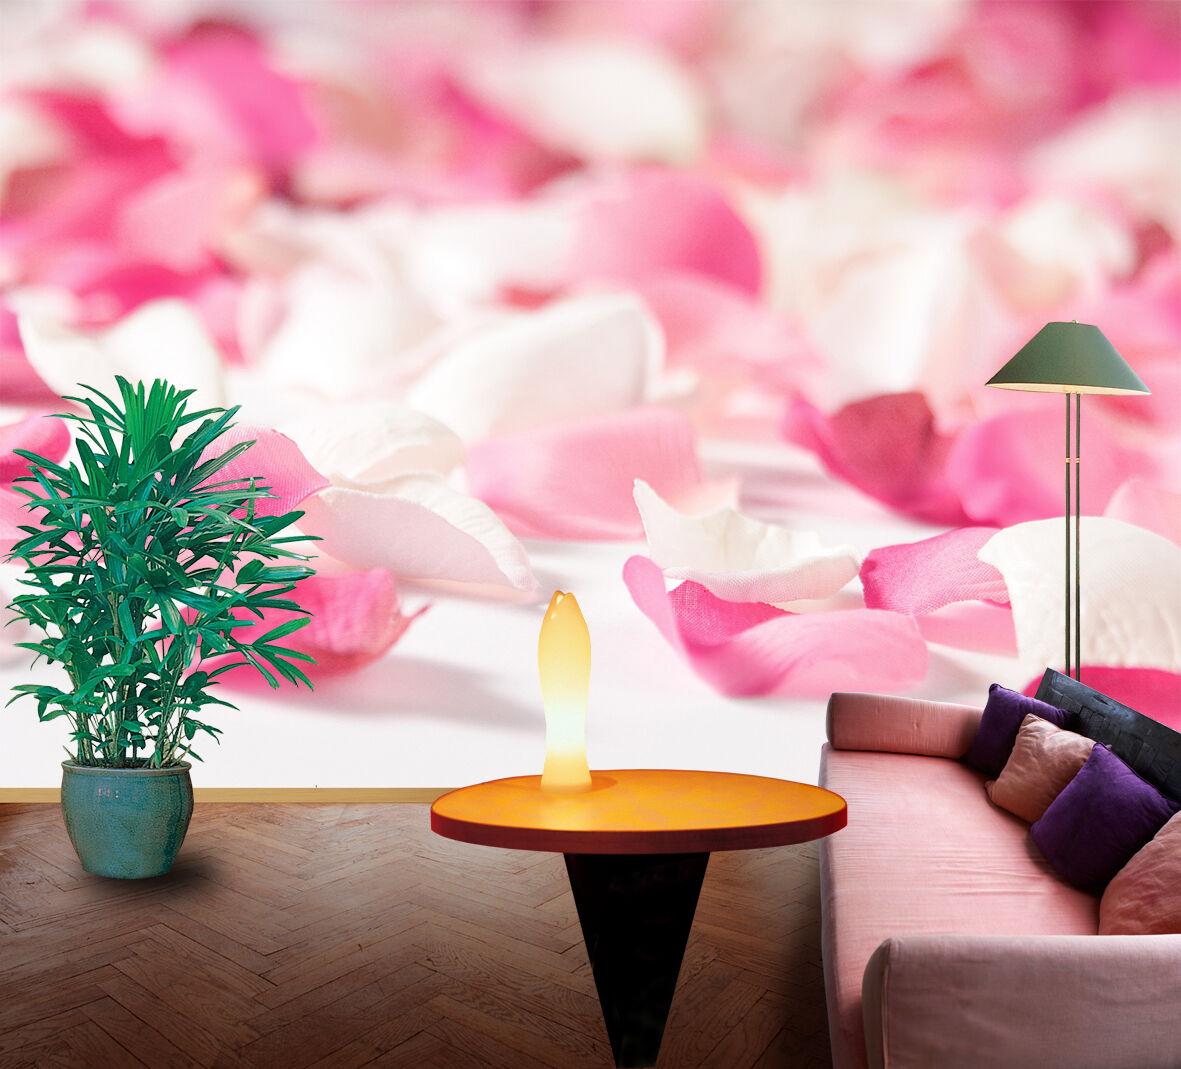 3D Romantic Petals 742 Wallpaper Decal Dercor Home Kids Nursery Mural  Home